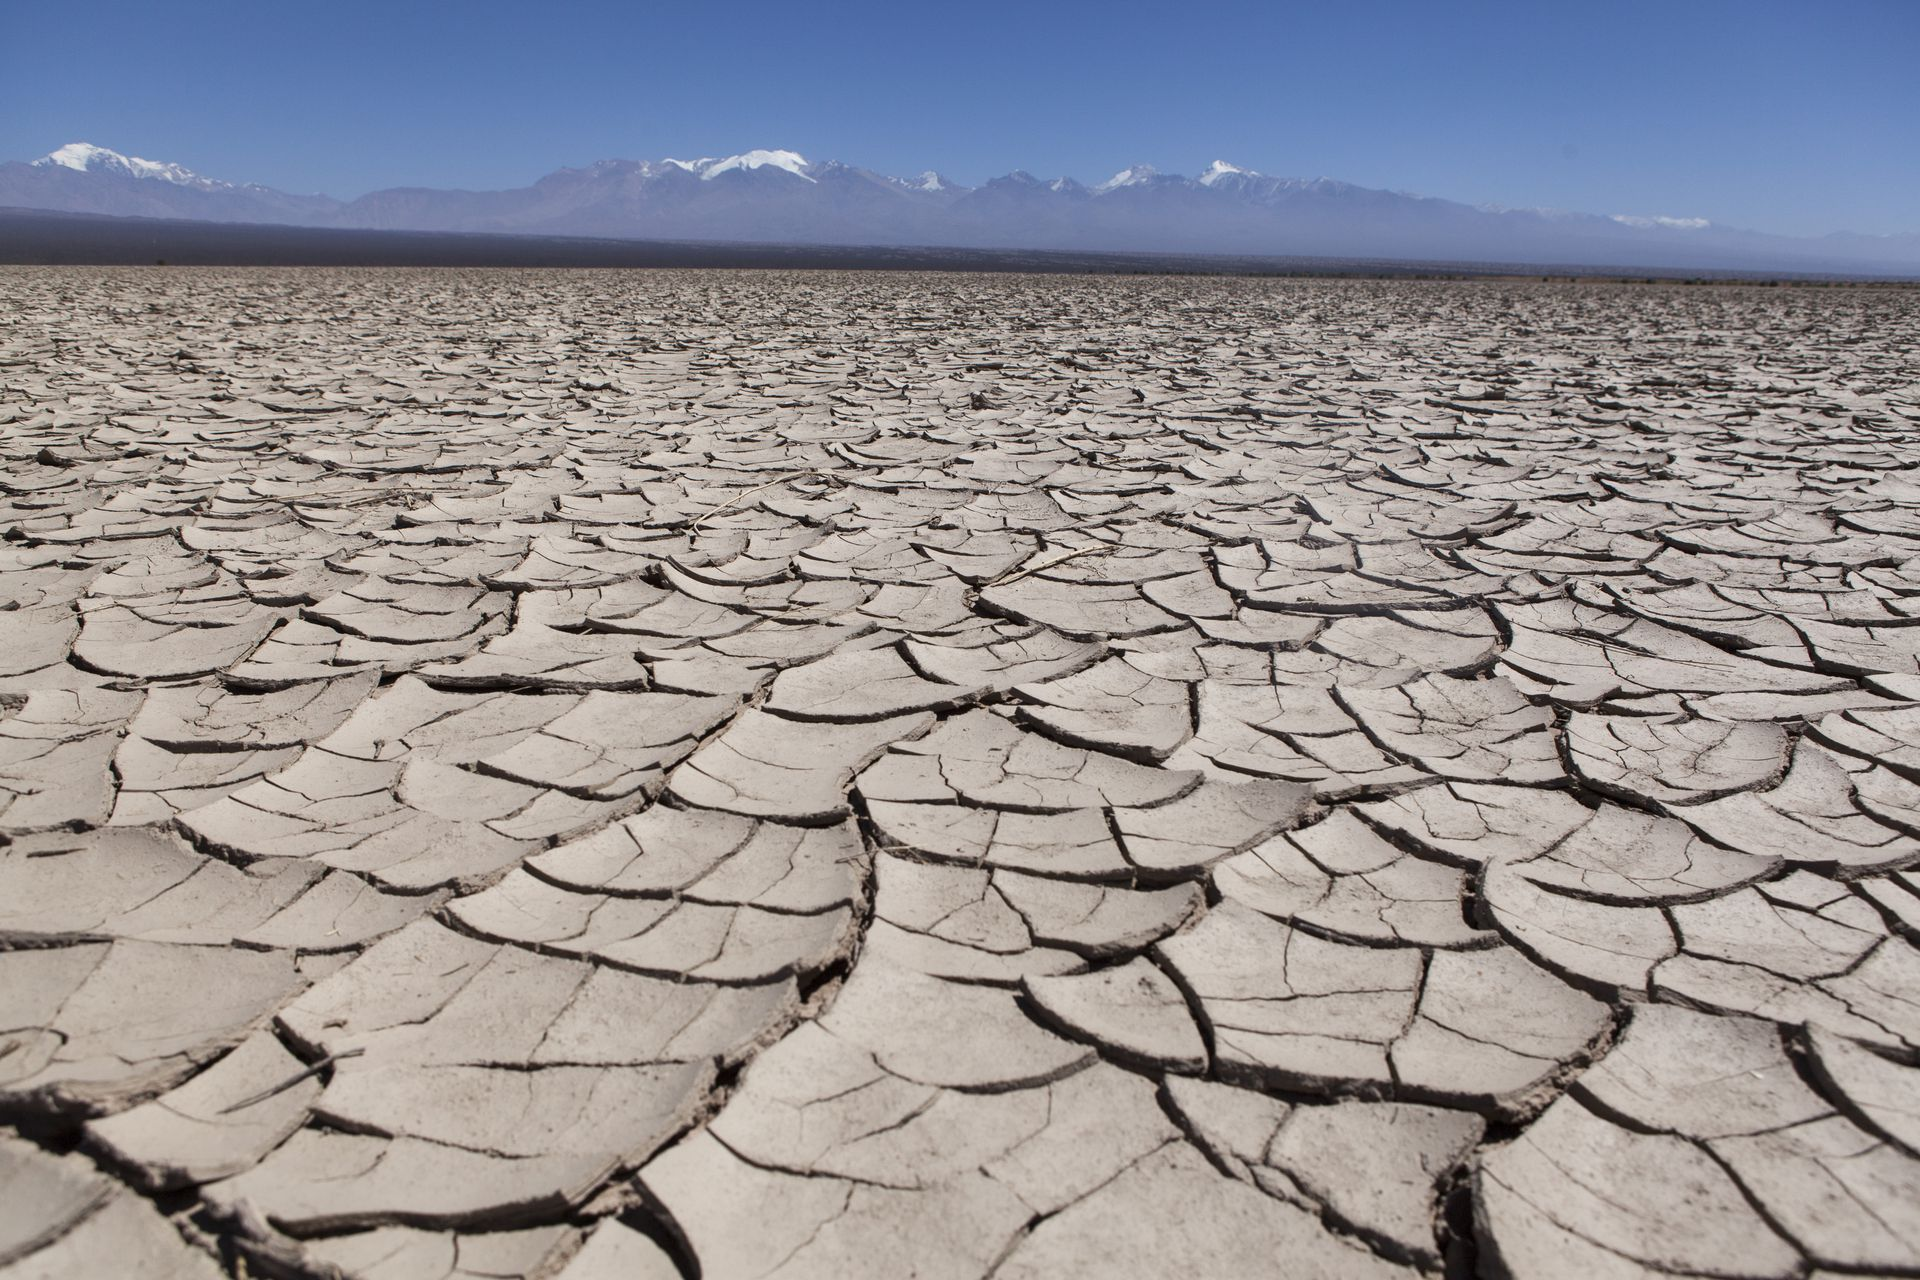 La planicie arcillosa y agrietada de la Pampa del Leoncito, en Barreal, fue en algún momento una laguna.